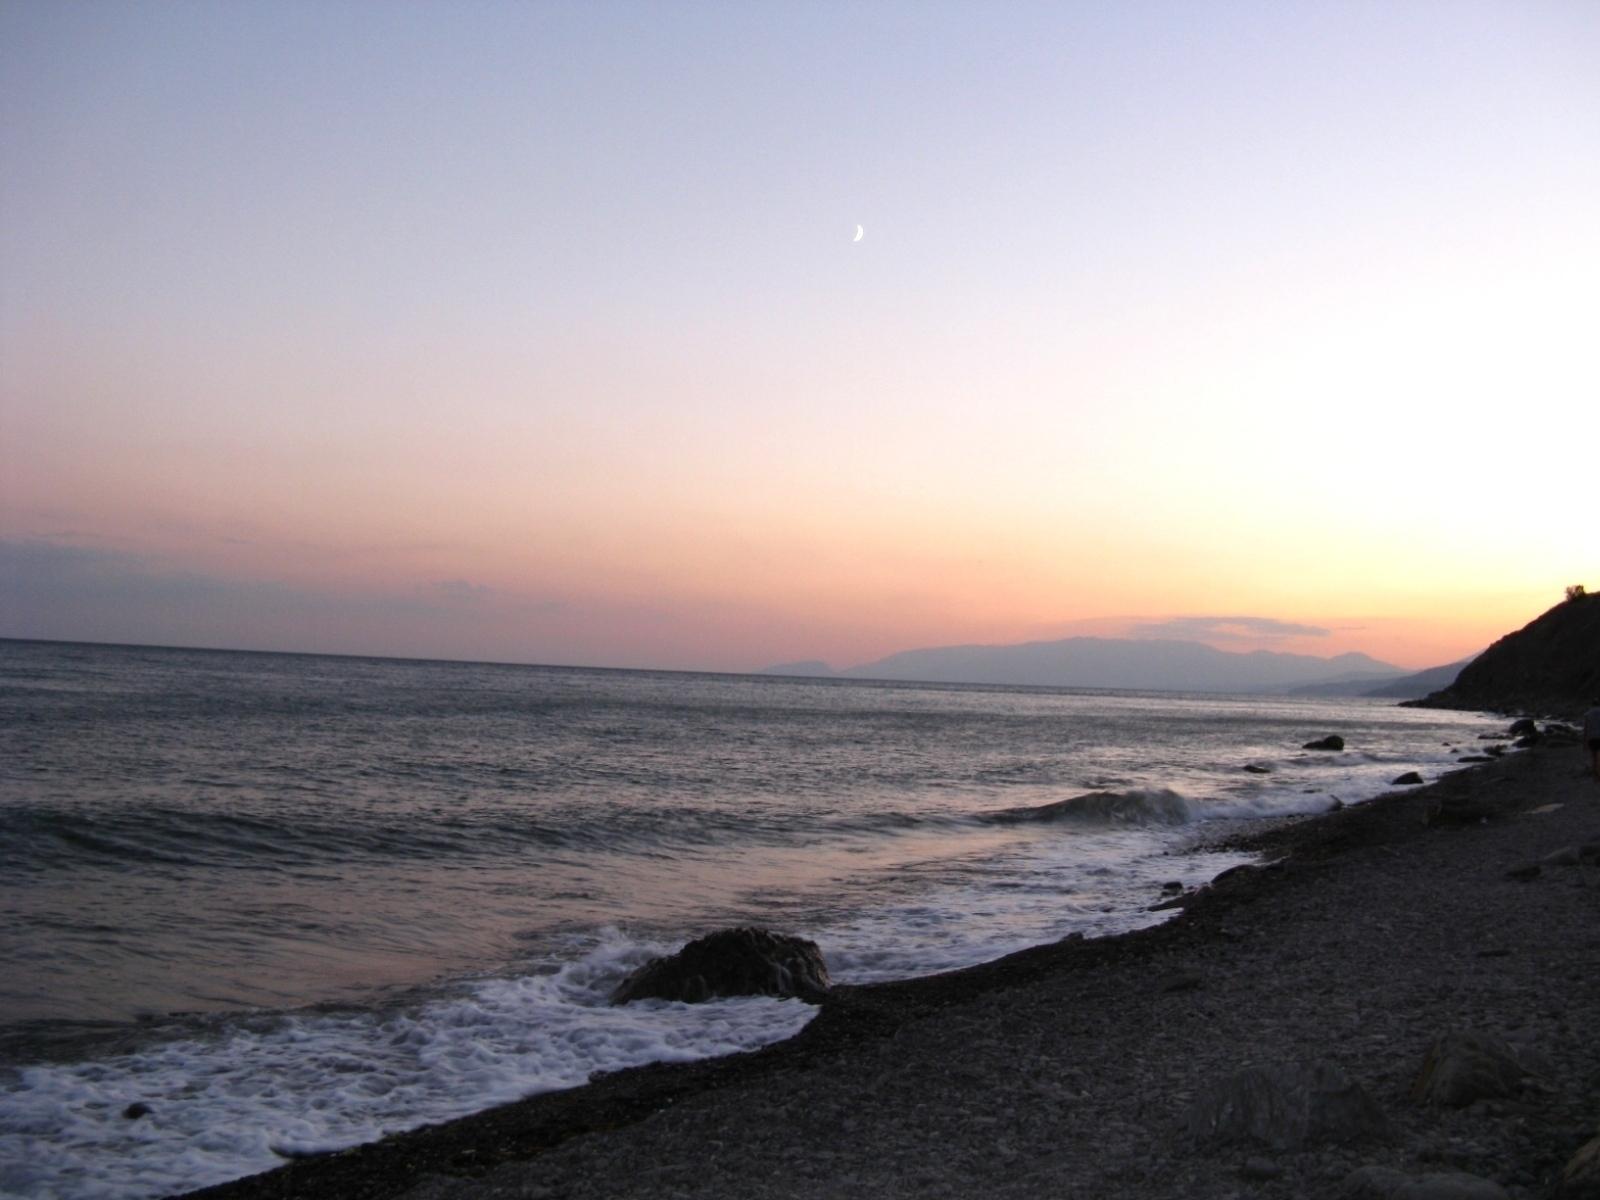 4649壁紙のダウンロード風景, 水, 日没, スカイ, 海, ビーチ-スクリーンセーバーと写真を無料で